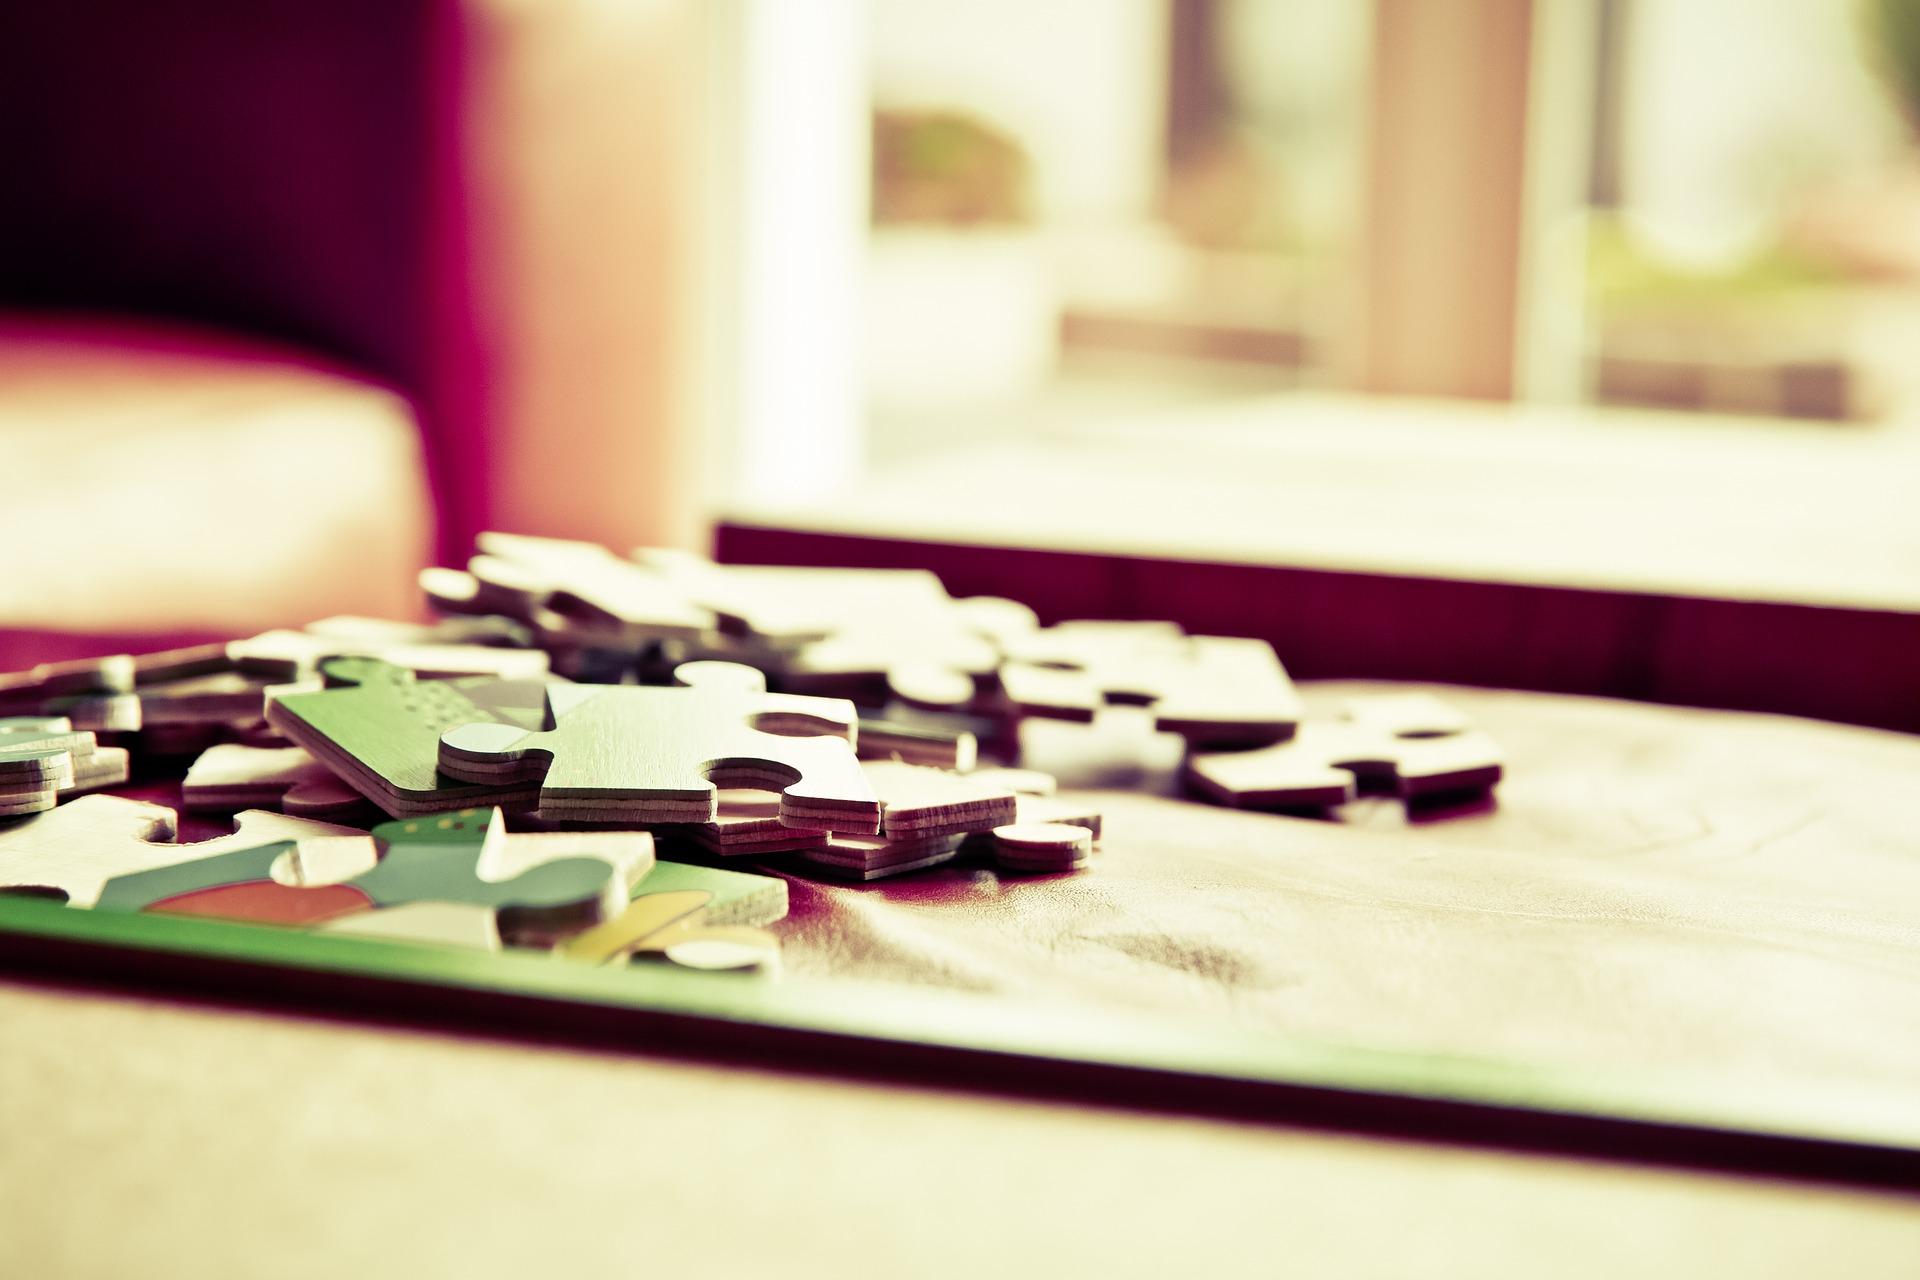 puzzle-673250_1920.jpg